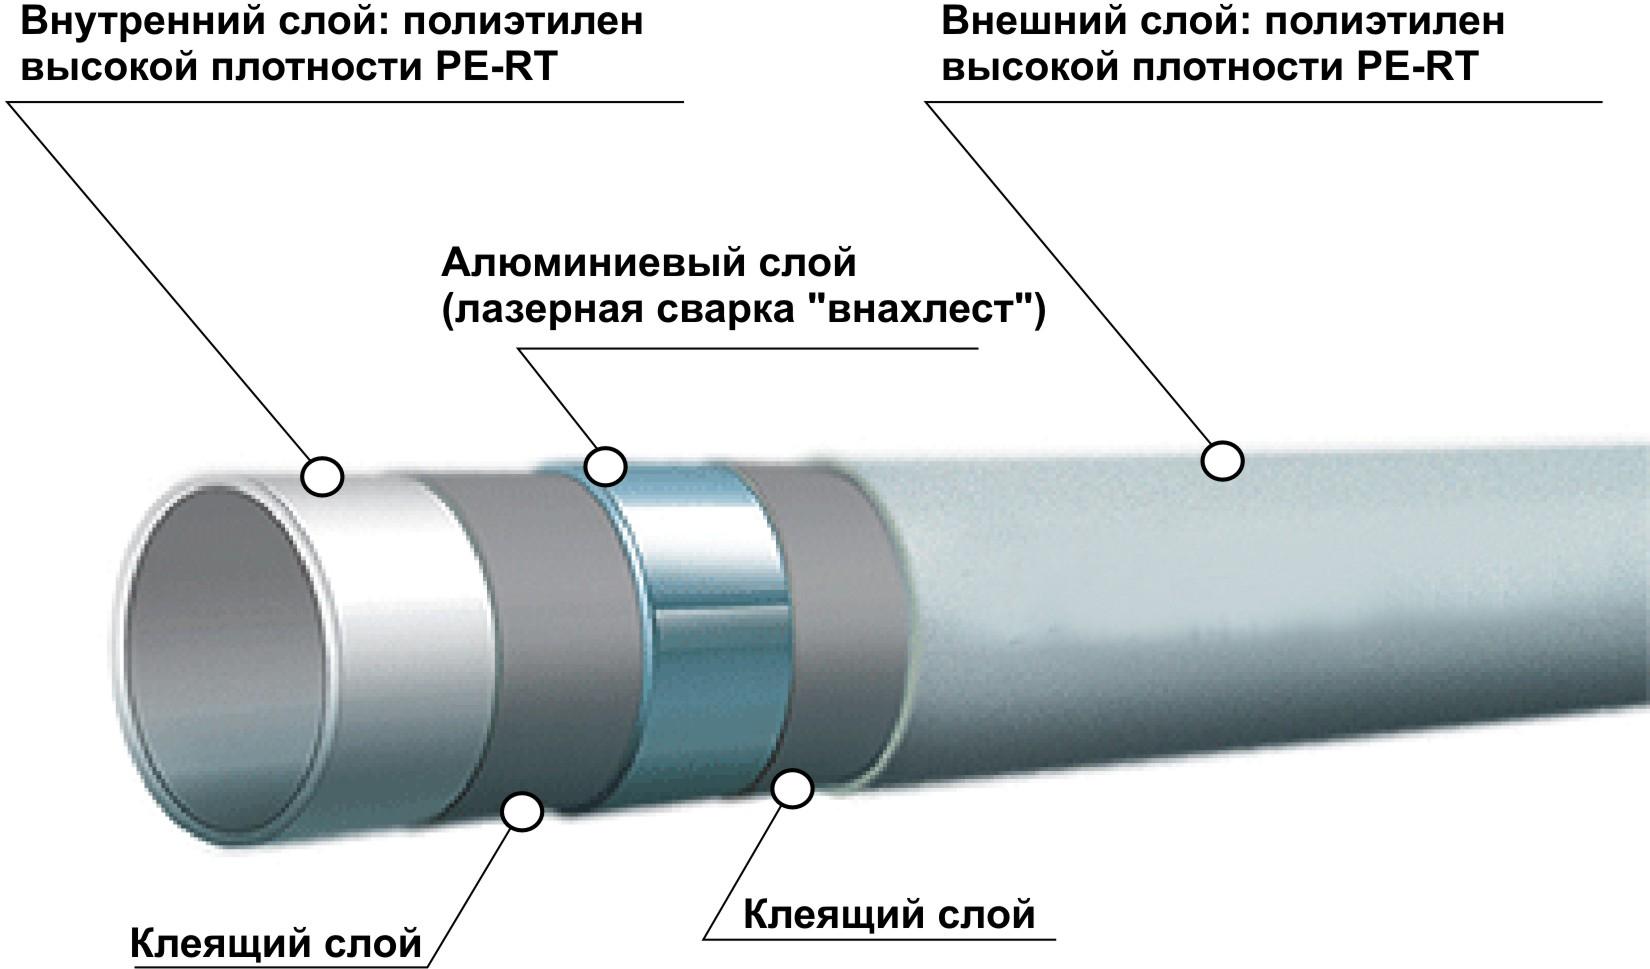 сантехнические трубы